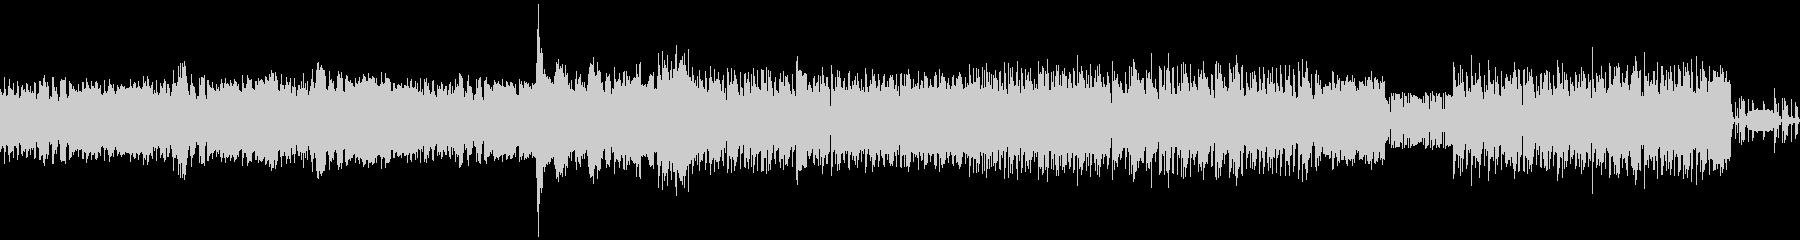 ヘヴィ、グイグイ、パワフルなメタル交響曲の未再生の波形